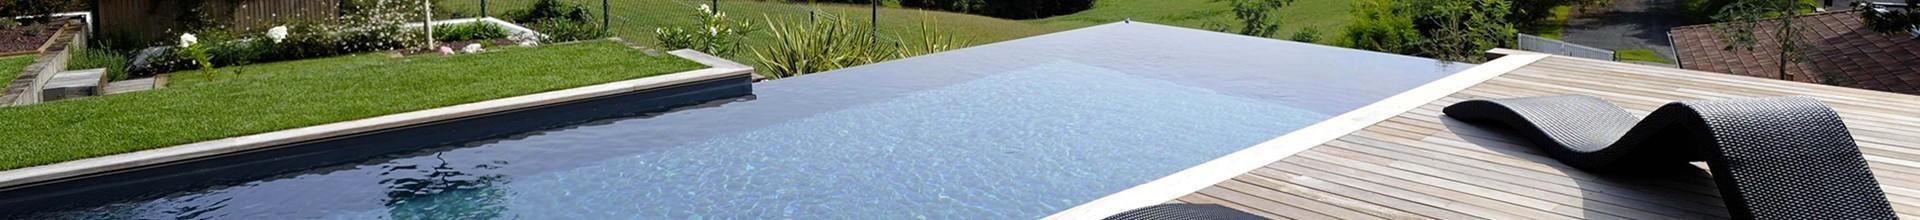 Direct usine, piscine coque prix Gard